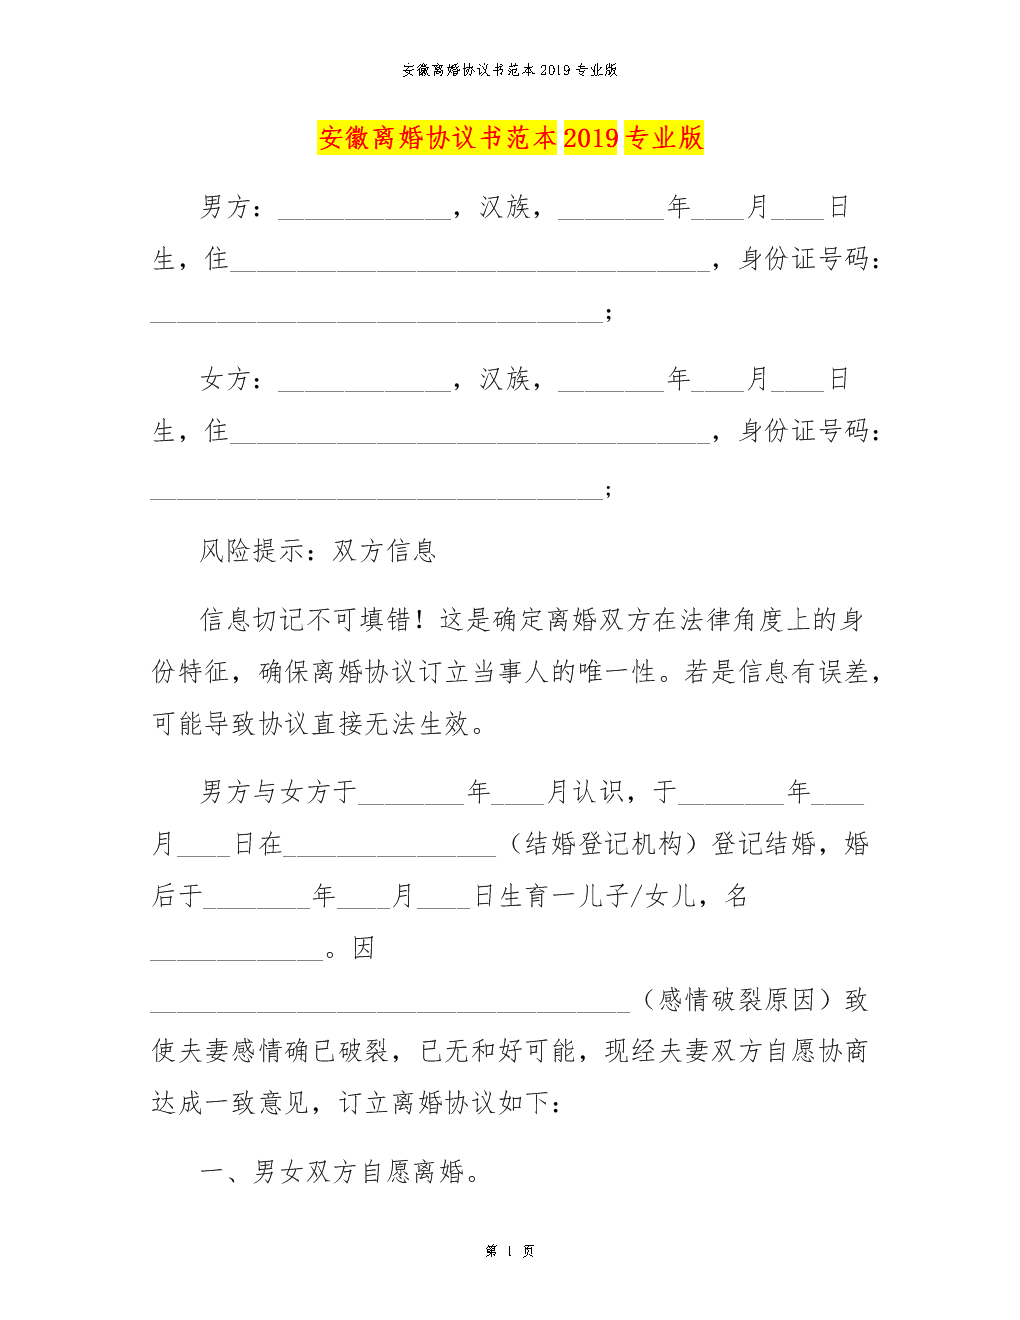 安徽离婚协议书范本2019专业版.docx图片